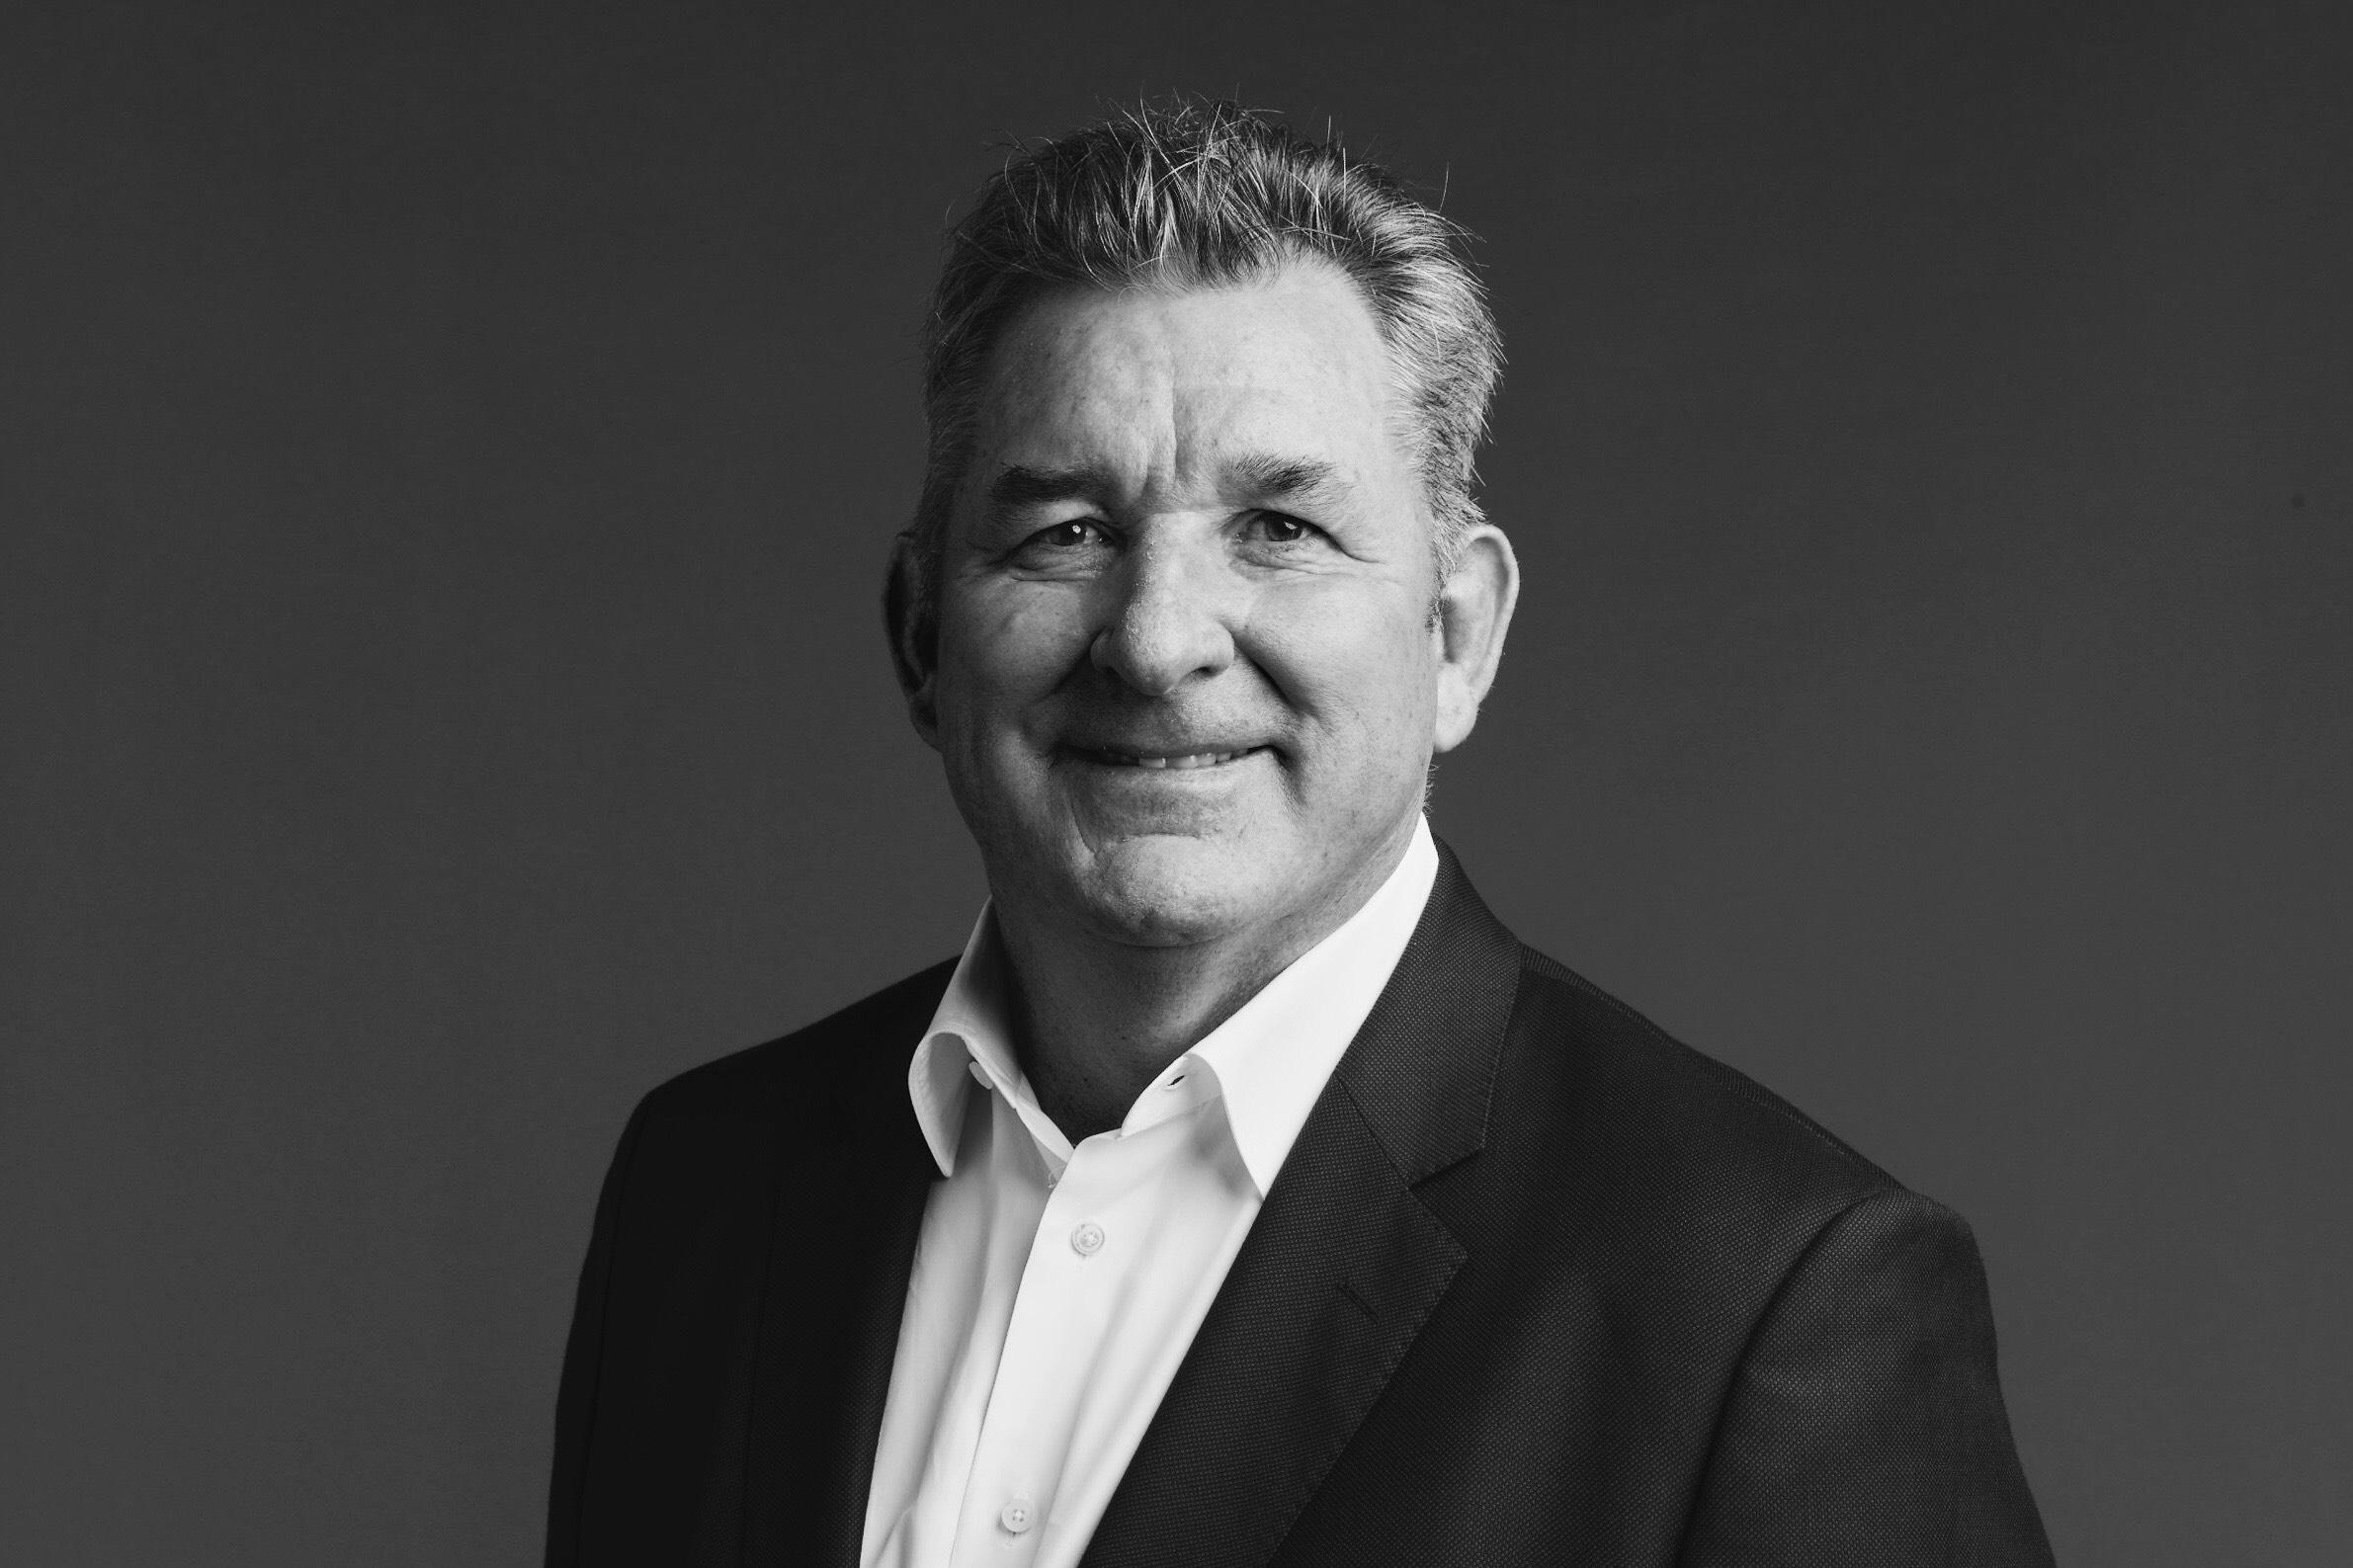 DDB ANZ Chairman & CEO Marty O'Halloran